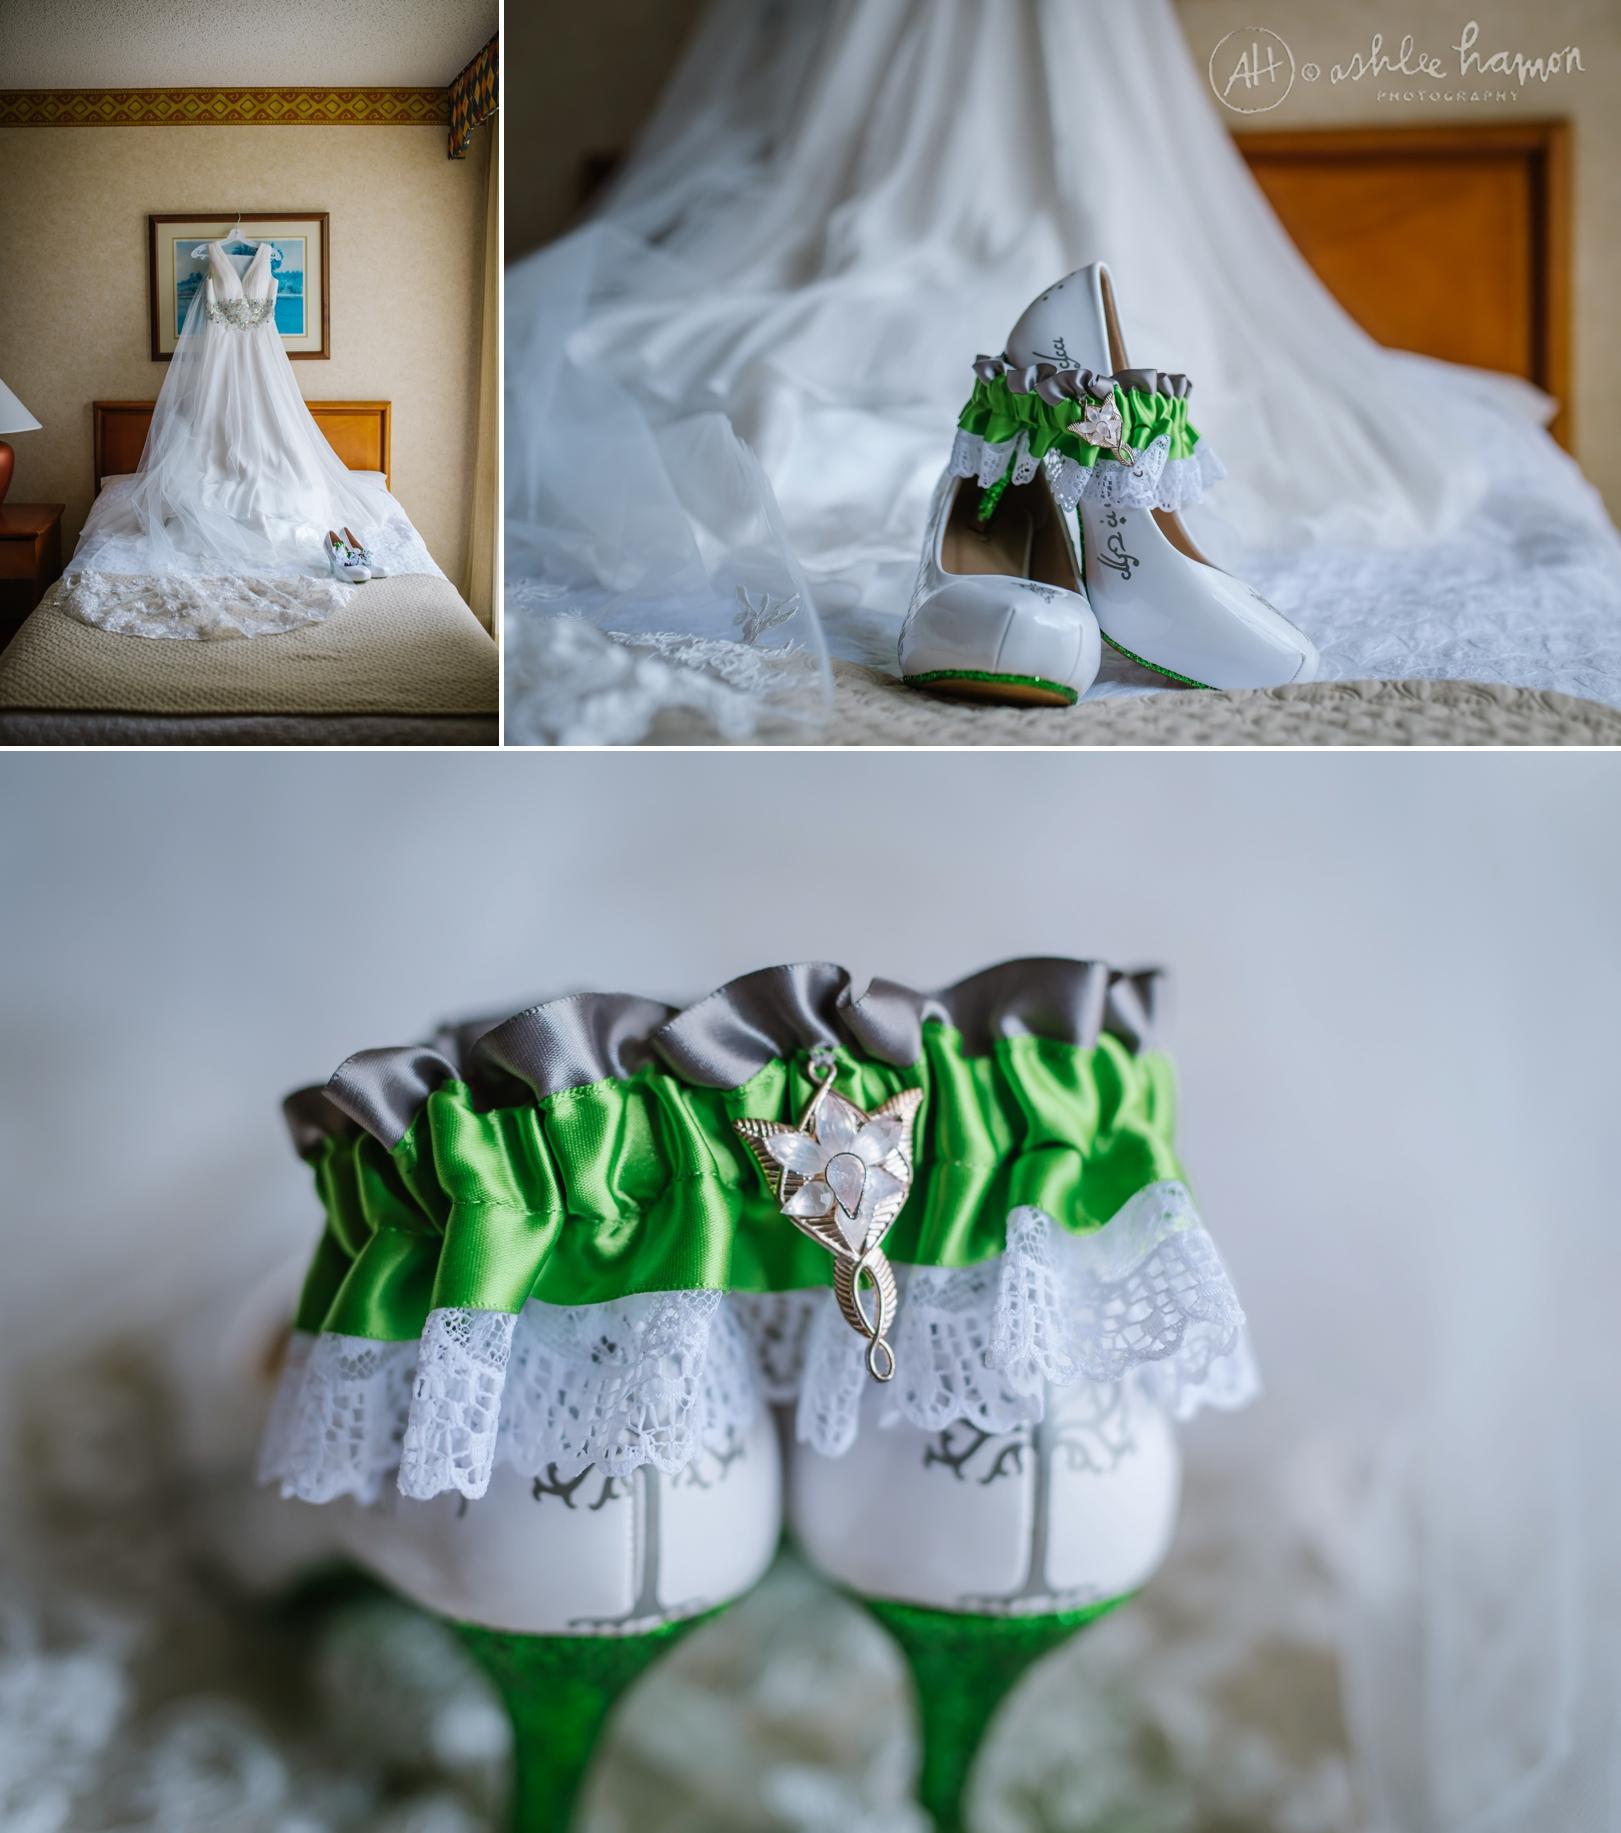 tampa-wedding-photographer-ashlee-hamon-usf_0000.jpg